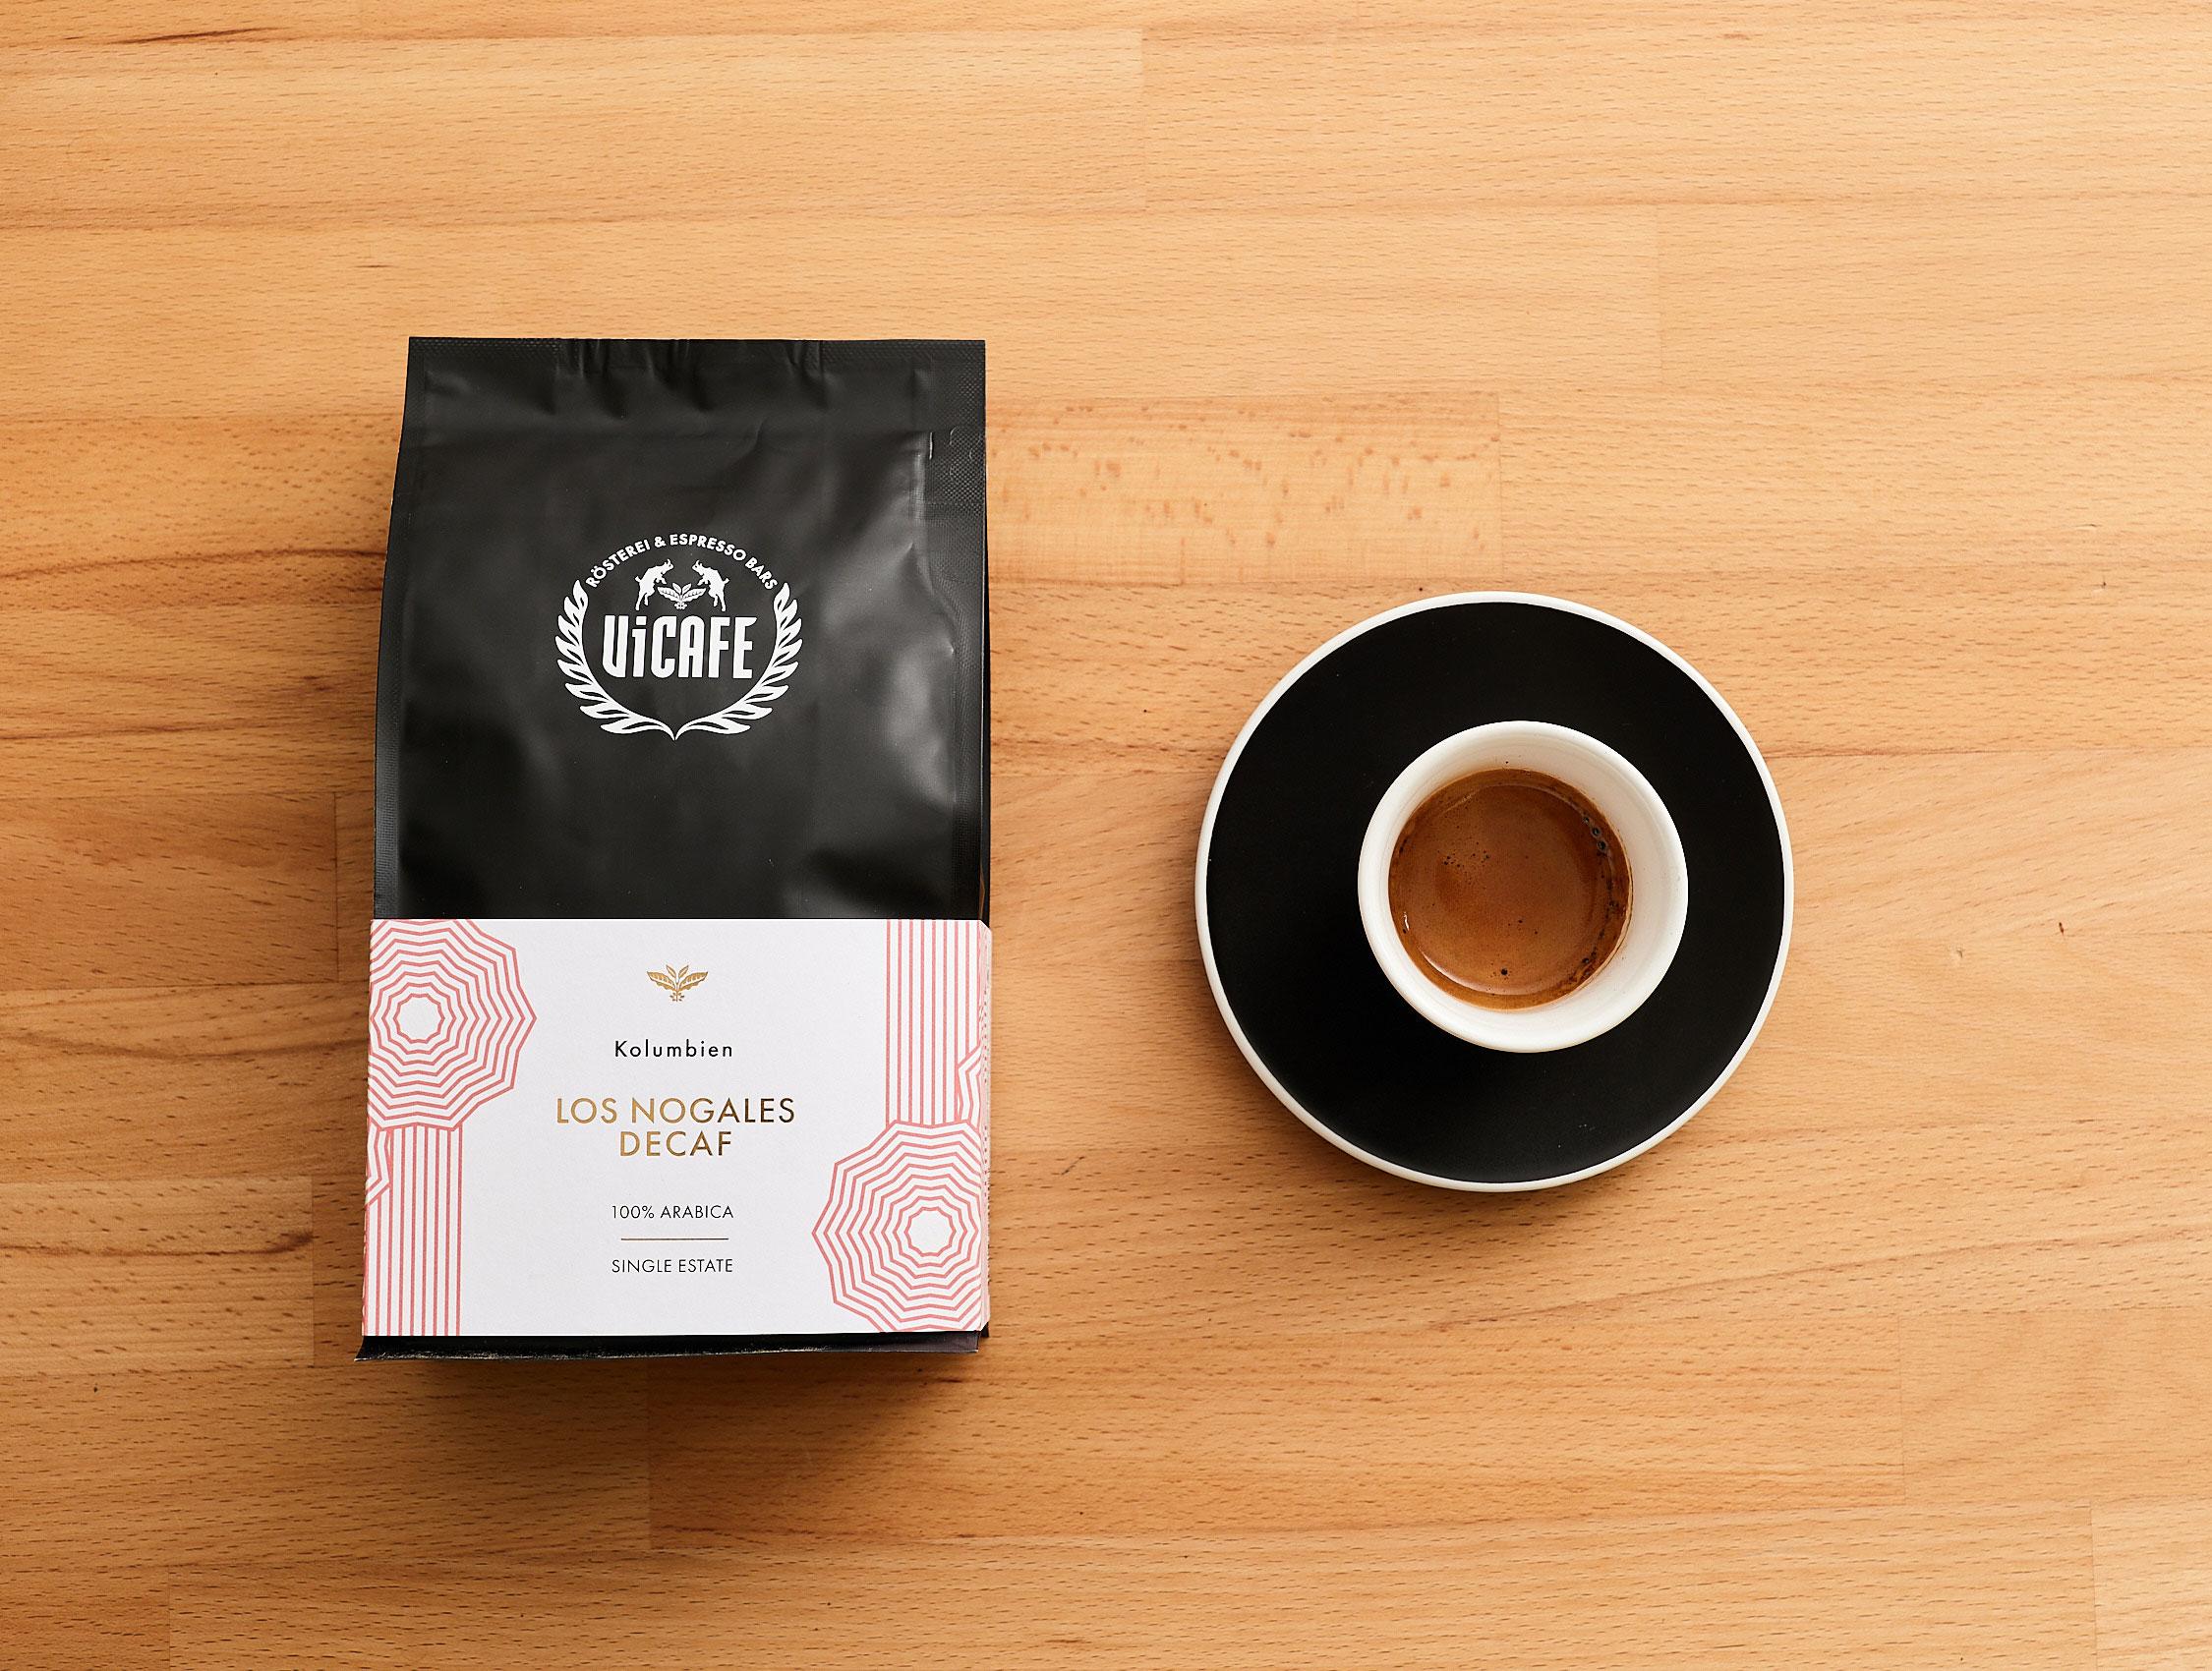 vicafe nogales decaf with espresso